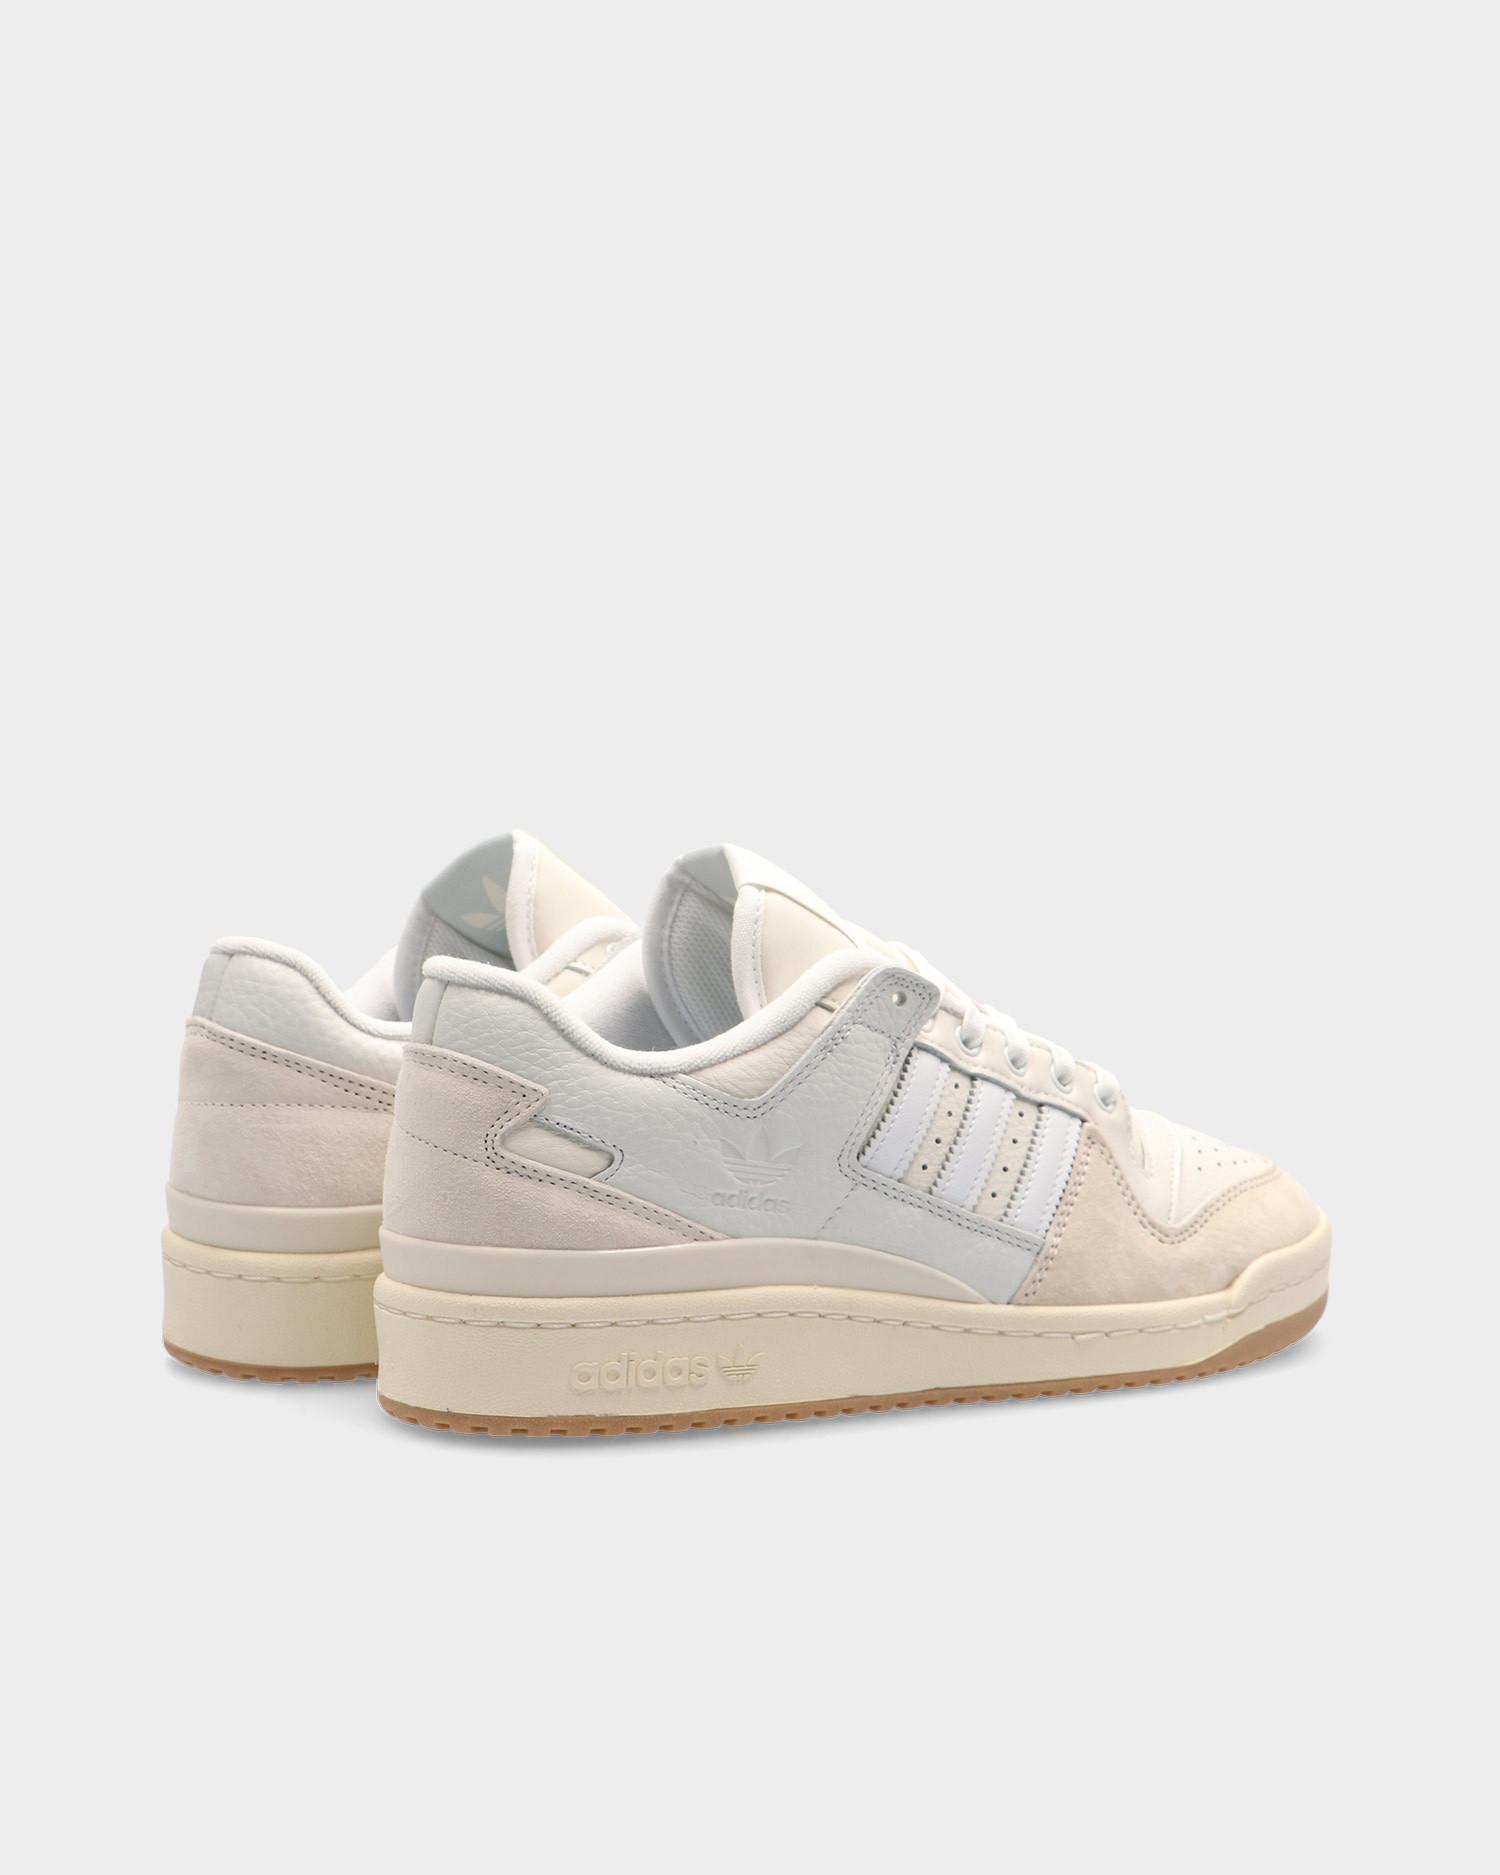 Adidas Forum Low ADV Cwhite/Ftwwht/Clowwht